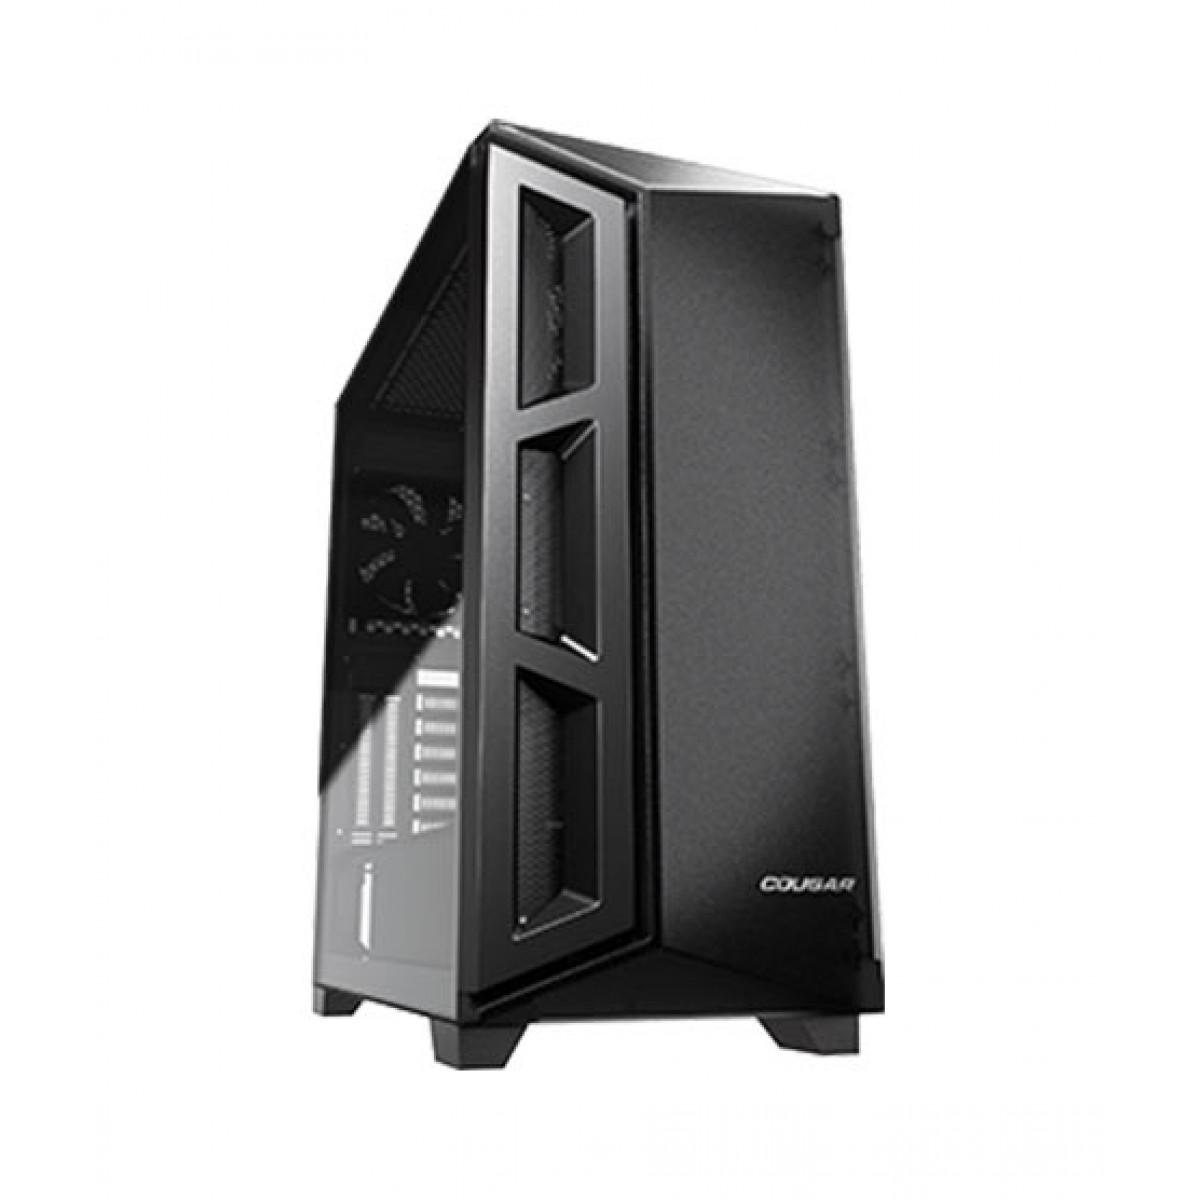 Cougar DarkBlader X5 Mid Tower CPU Case